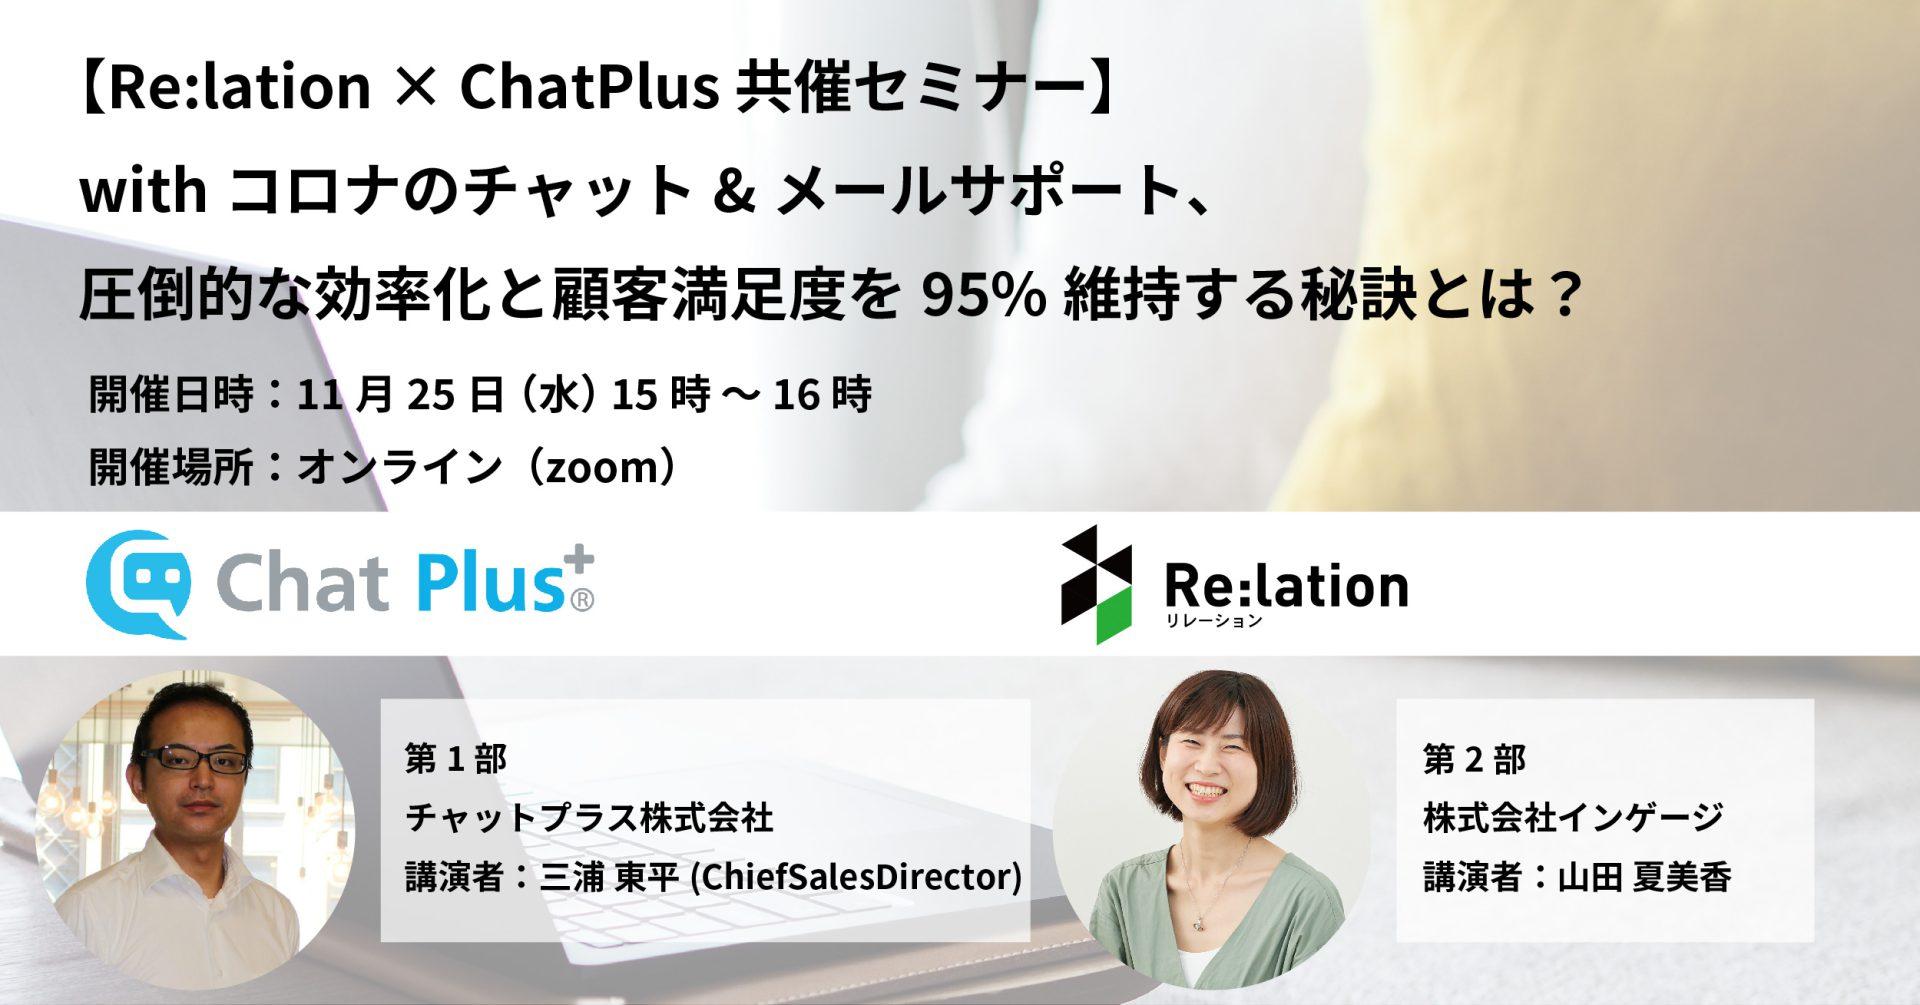 【11/25(水)】Re:lation×ChatPlus共催セミナー開催のお知らせ